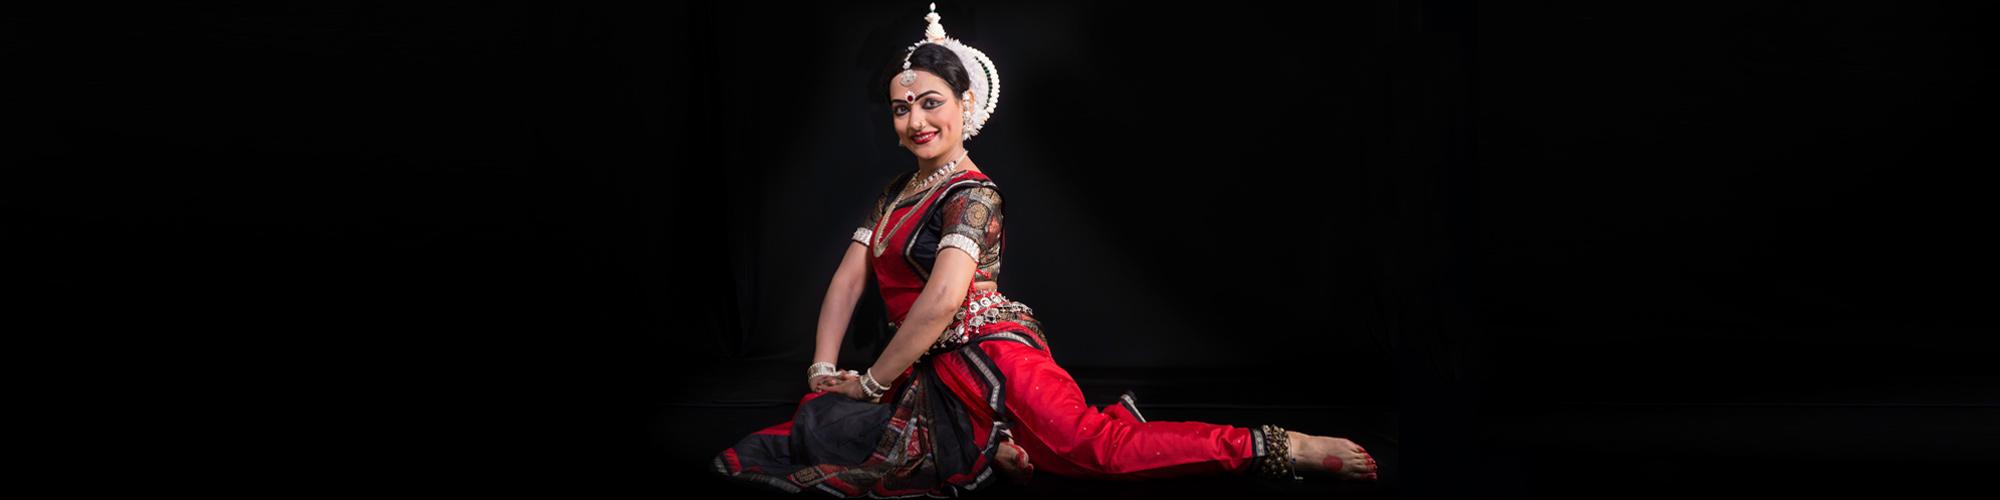 """Uma noite com dança clássica indiana: venha para o """"Odissi Sandhya"""", com Sarita Mishra"""